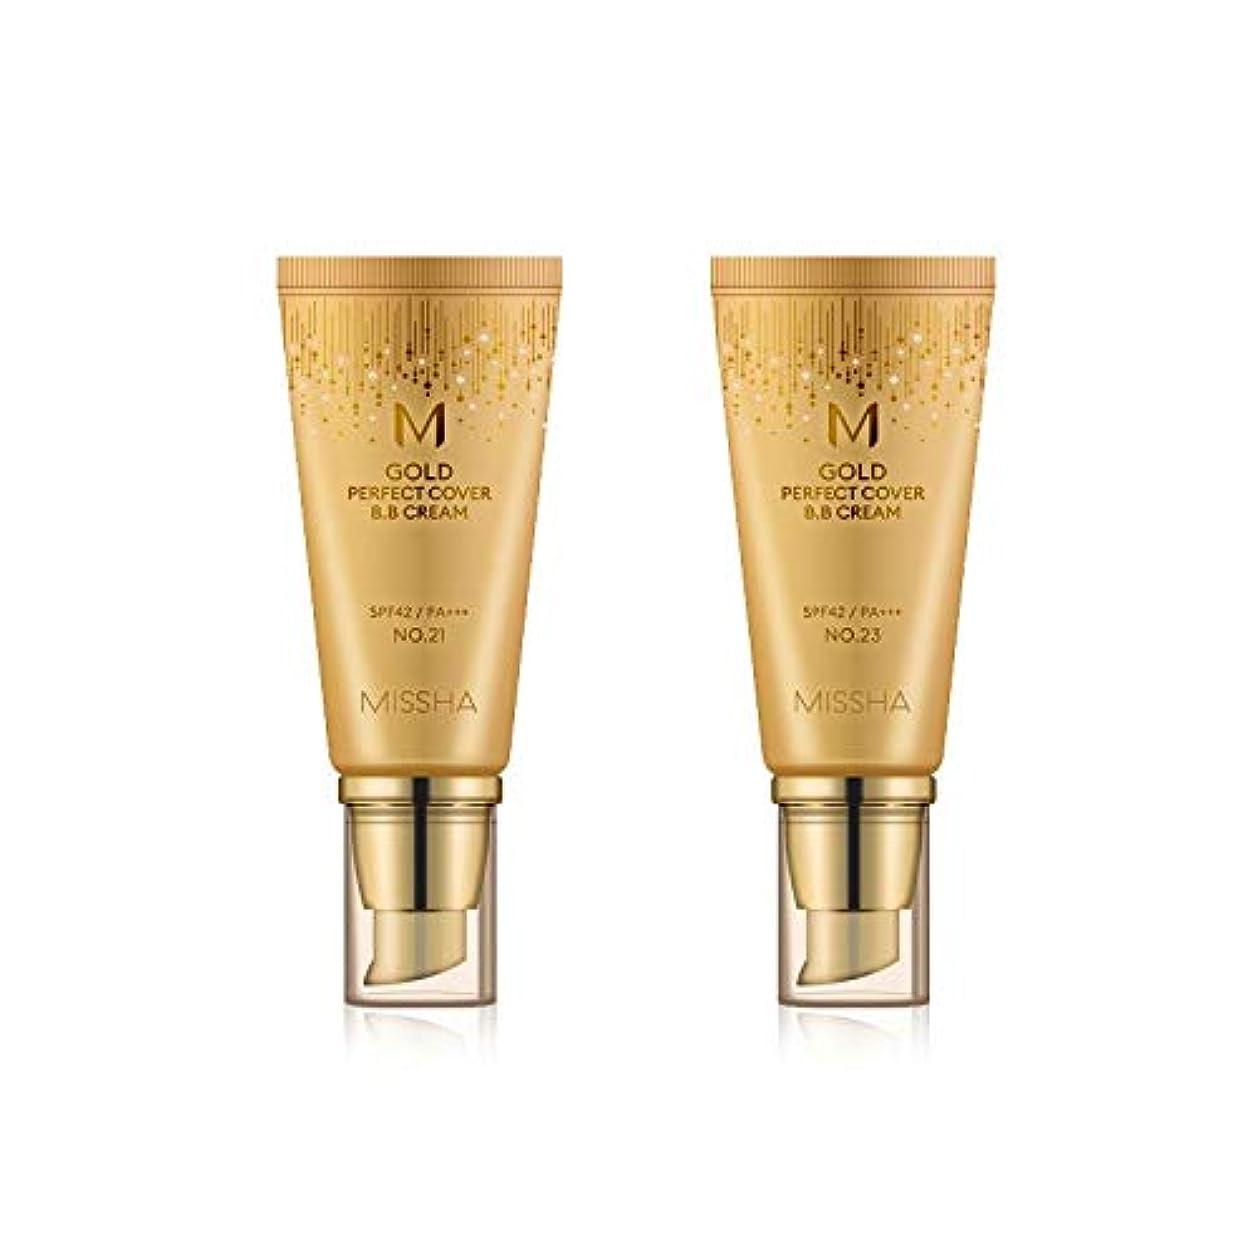 調和絶対の安心MISSHA Gold Perfecte Cover BB Cream SPF42 PA+++ / ミシャ ゴールド パーフェクト カバー BBクリーム 50ml *NO.21 [並行輸入品]